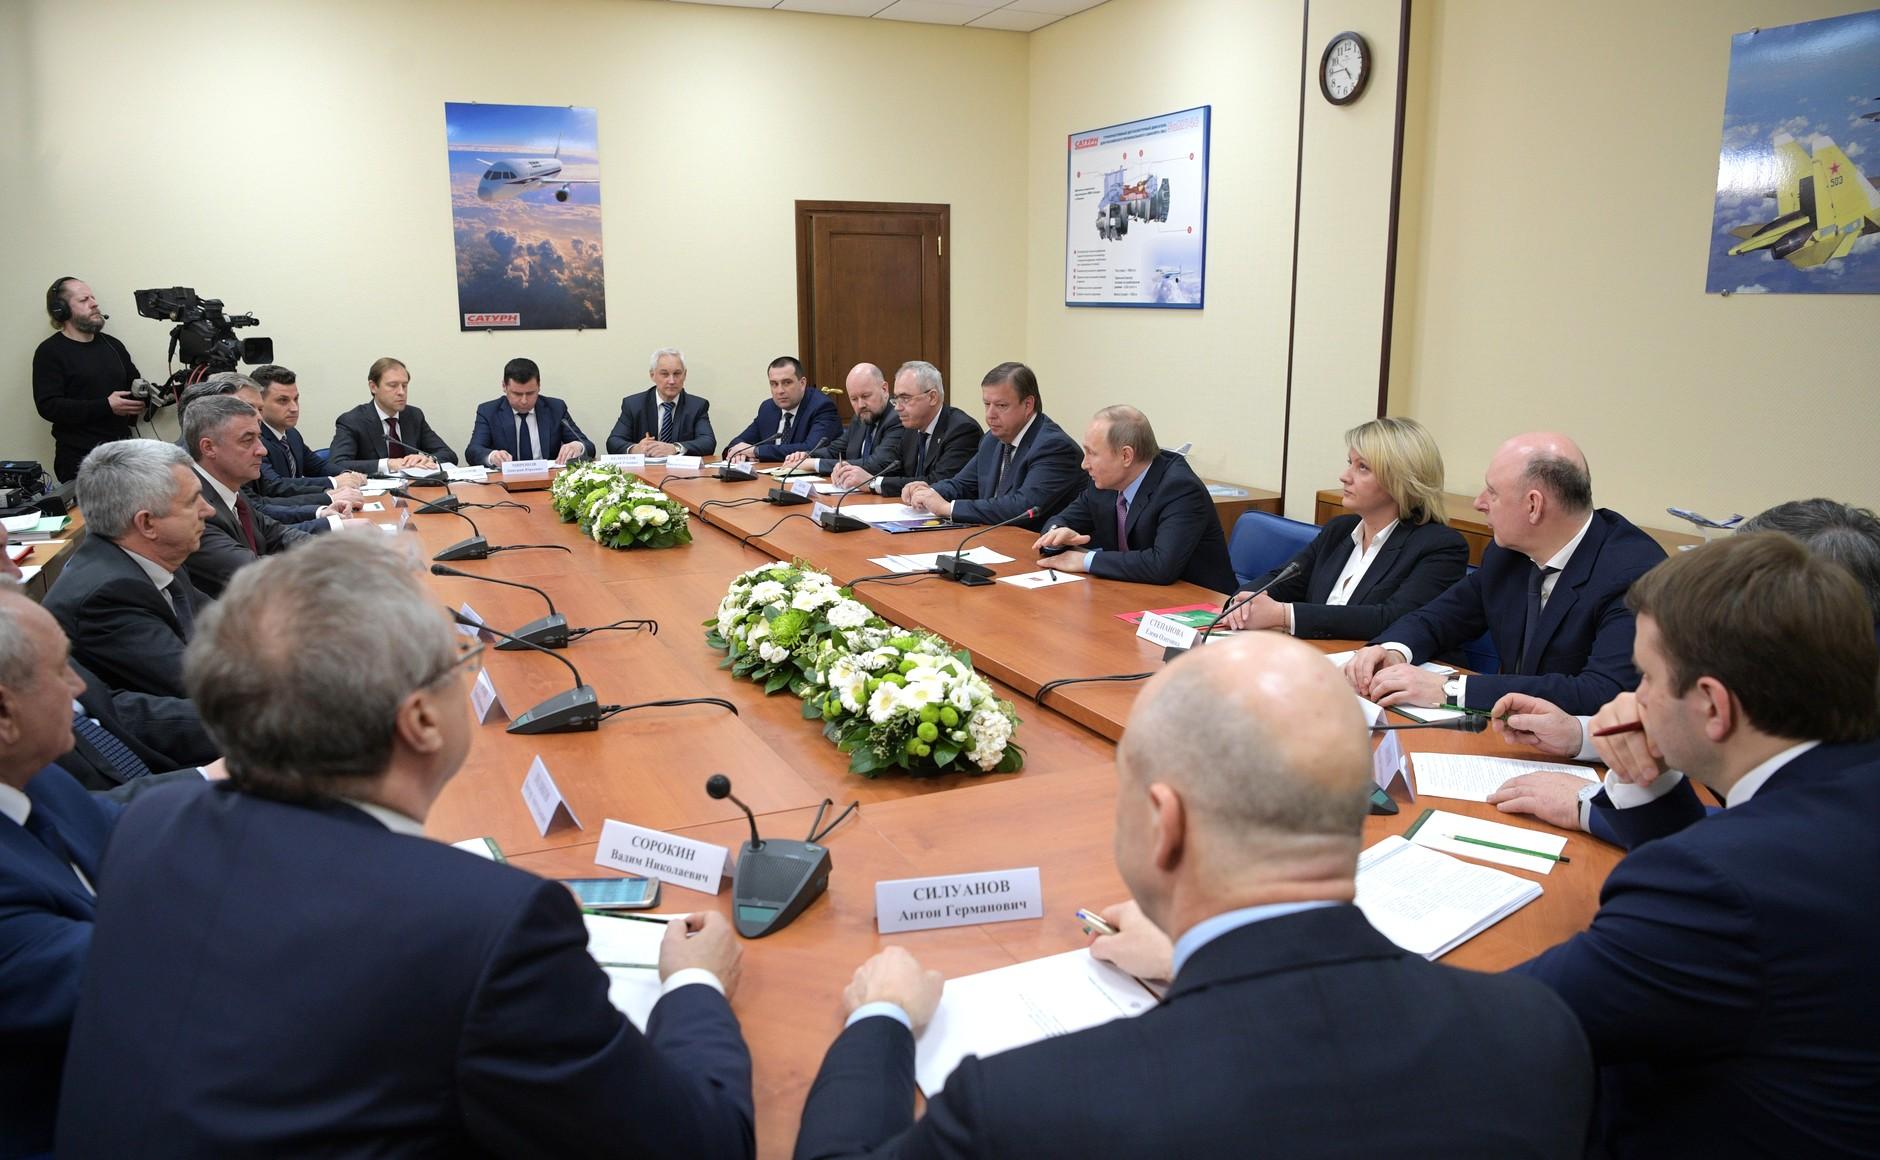 Ярославские предприниматели рассказали о встрече с Владимиром Путиным